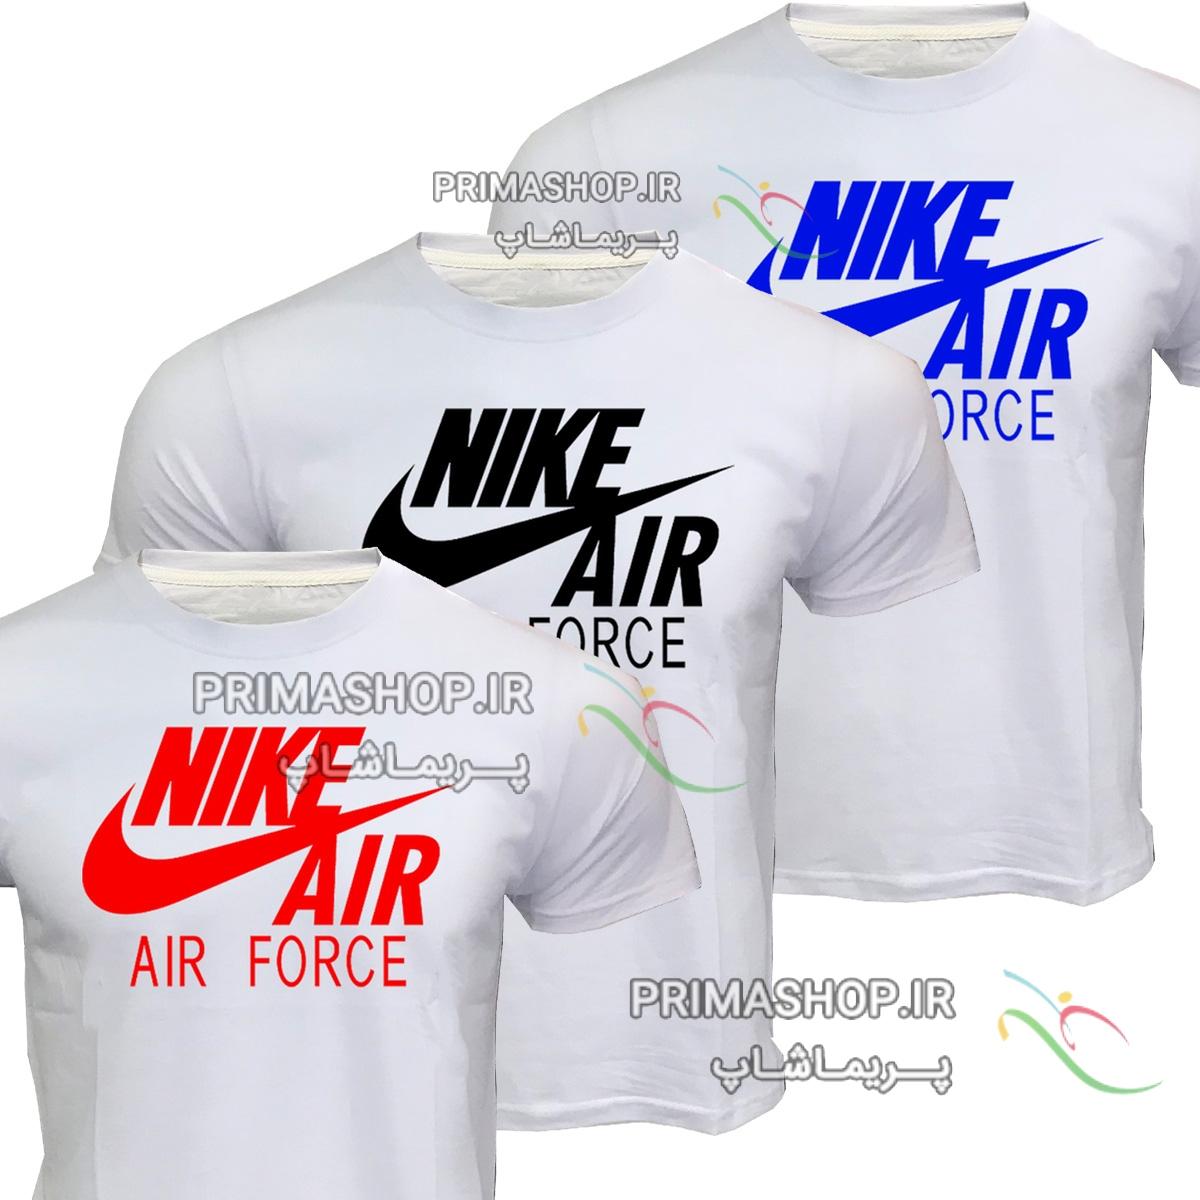 لباس اسپرت  نایک  مردانه طرح Air force سفید